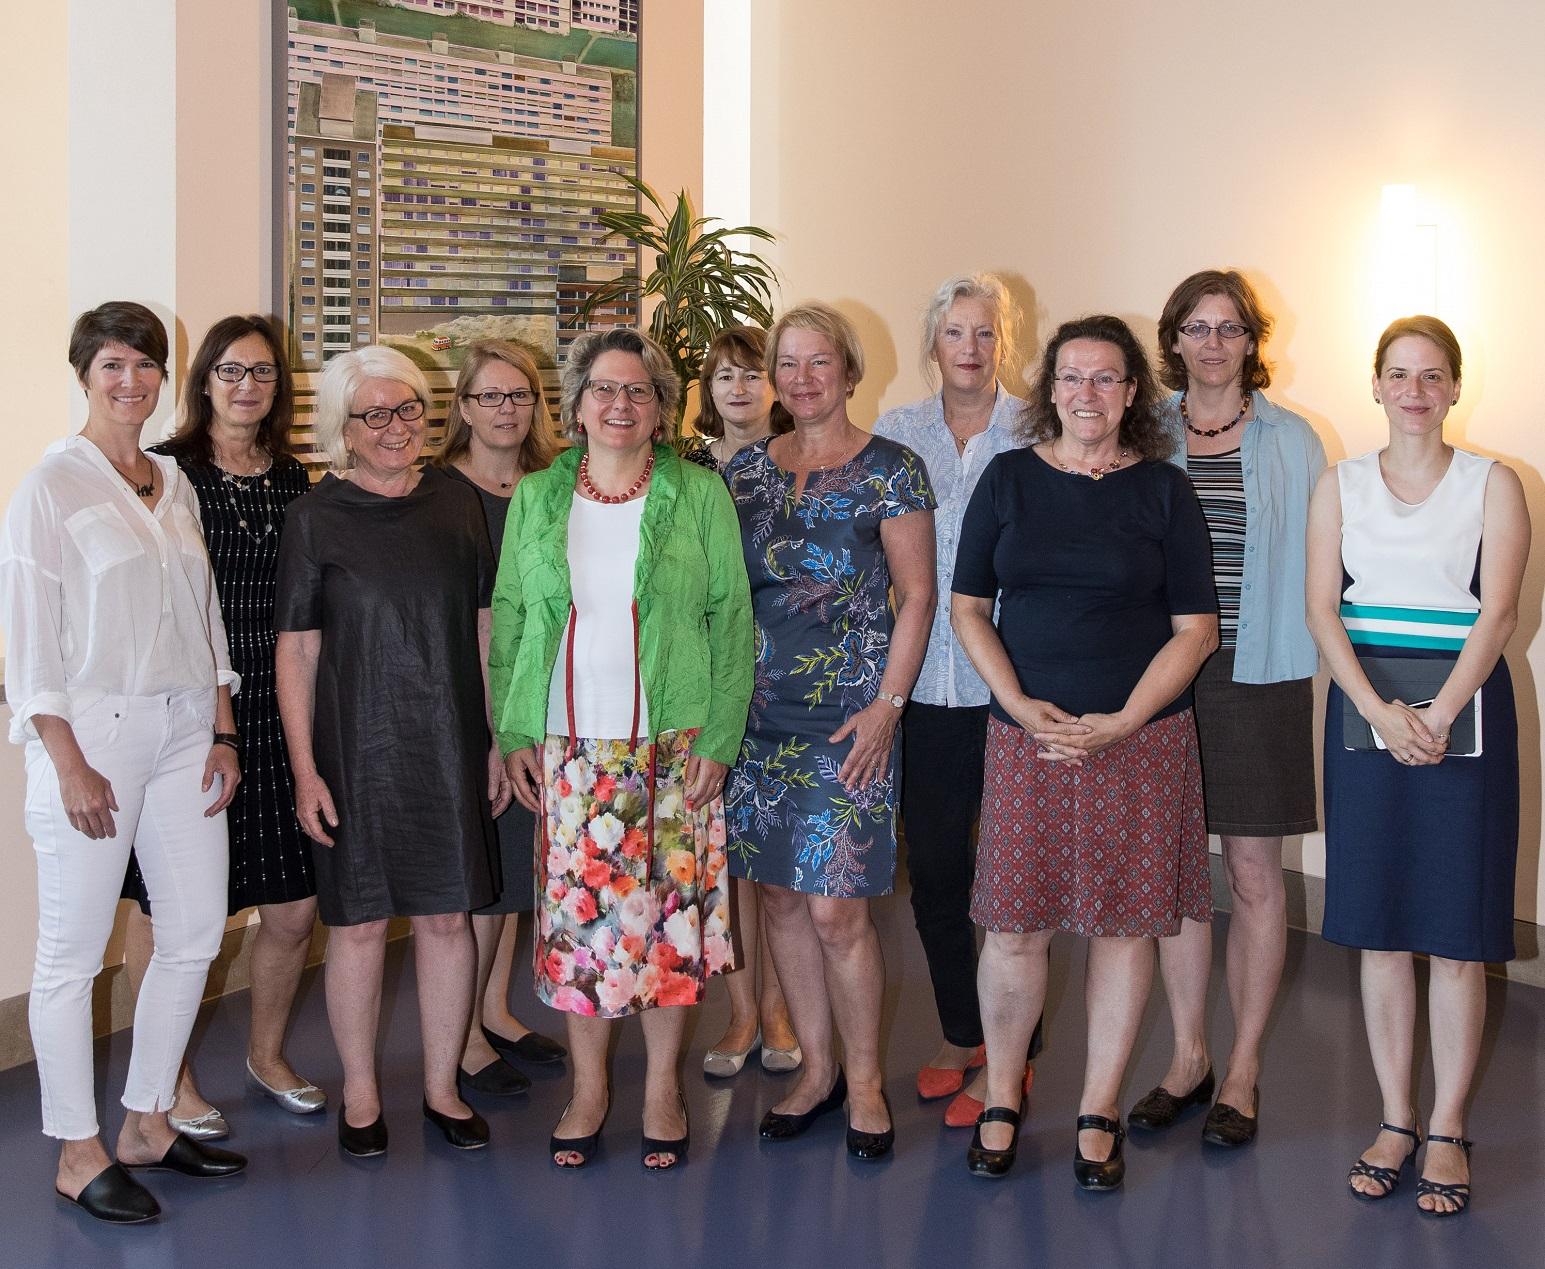 Gruppenfoto mit 11 Frauen in einem Gebäude